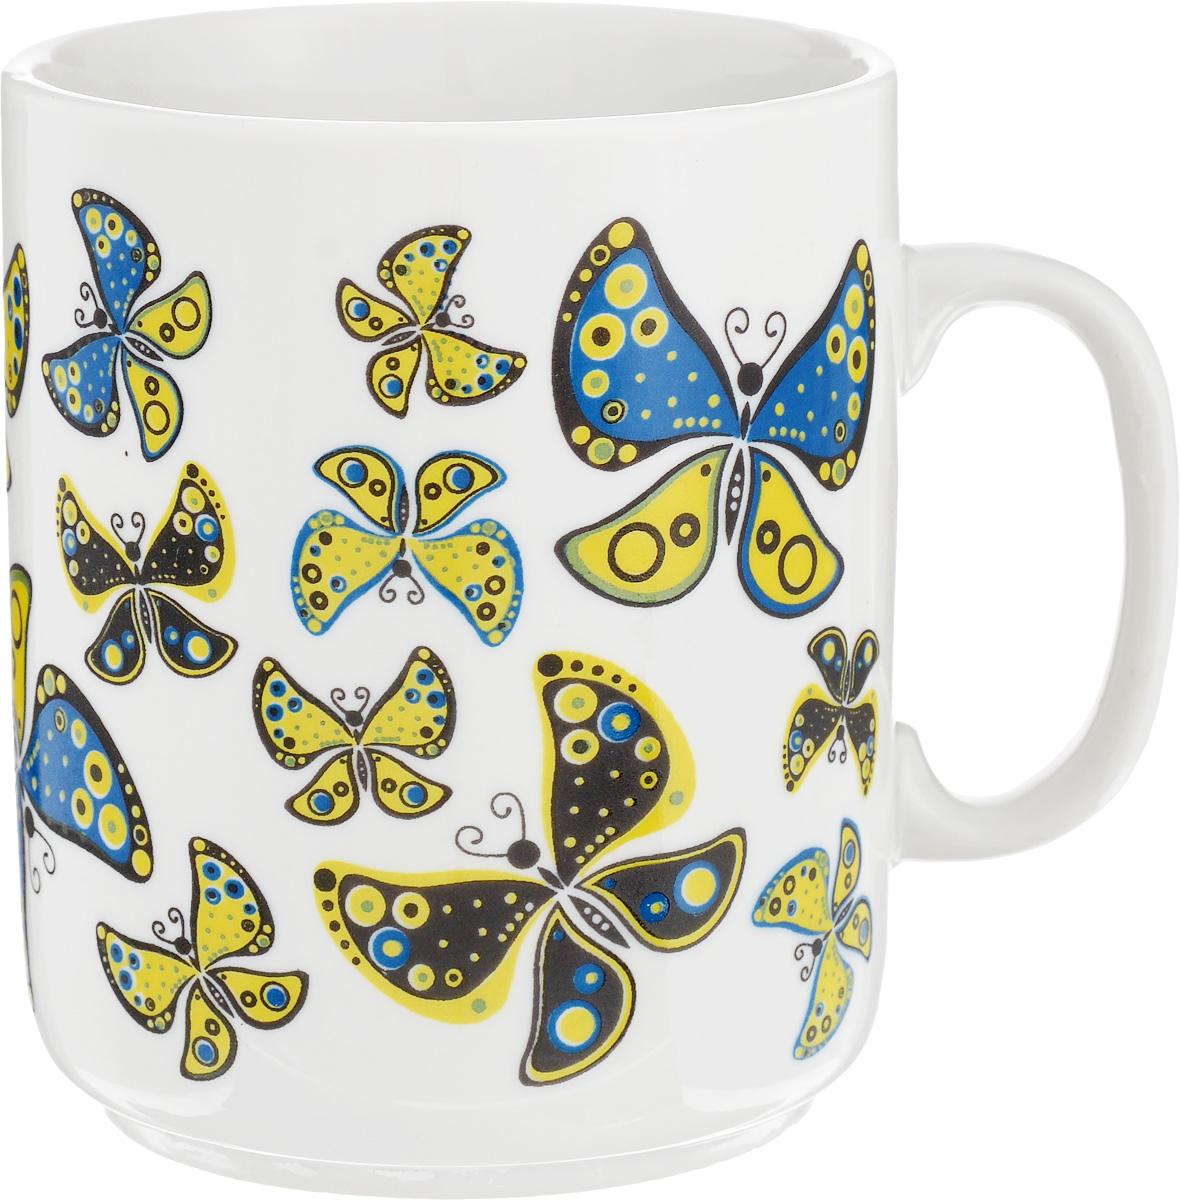 Кружка Фарфор Вербилок Солнечные бабочки, 300 мл9273950Красивая кружка Фарфор Вербилок Солнечные бабочки способна скрасить любое чаепитие. Изделие выполнено из высококачественного фарфора. Посуда из такого материала позволяет сохранить истинный вкус напитка, а также помогает ему дольше оставаться теплым. Диаметр по верхнему краю: 7,5 см.